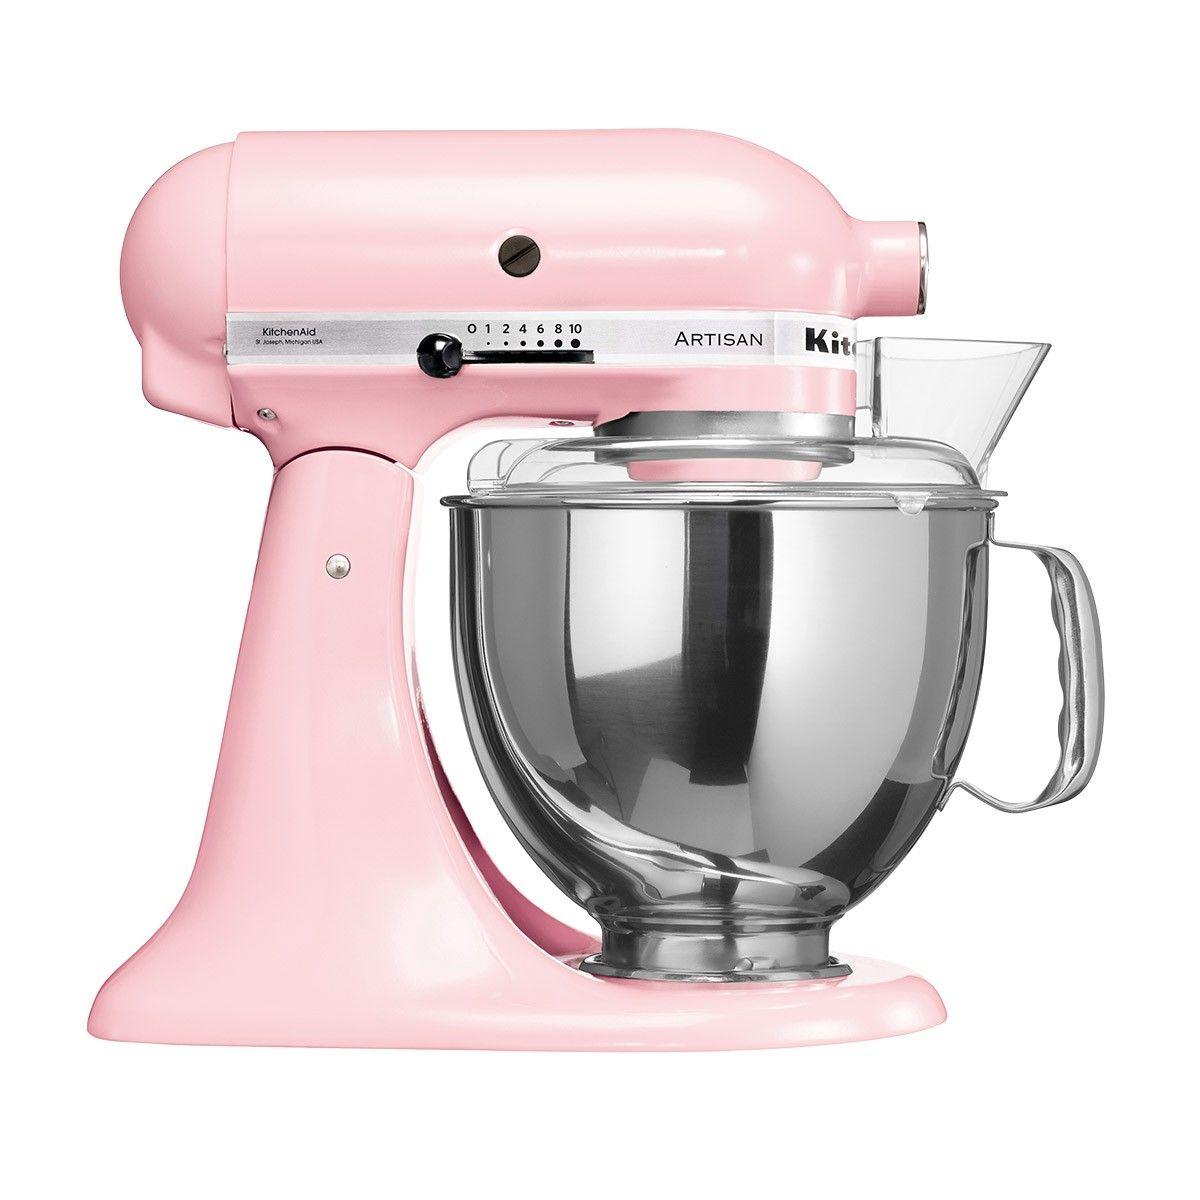 Tolle Küchenmaschine in Rosa. | rose quartz | Pinterest | KitchenAid ...